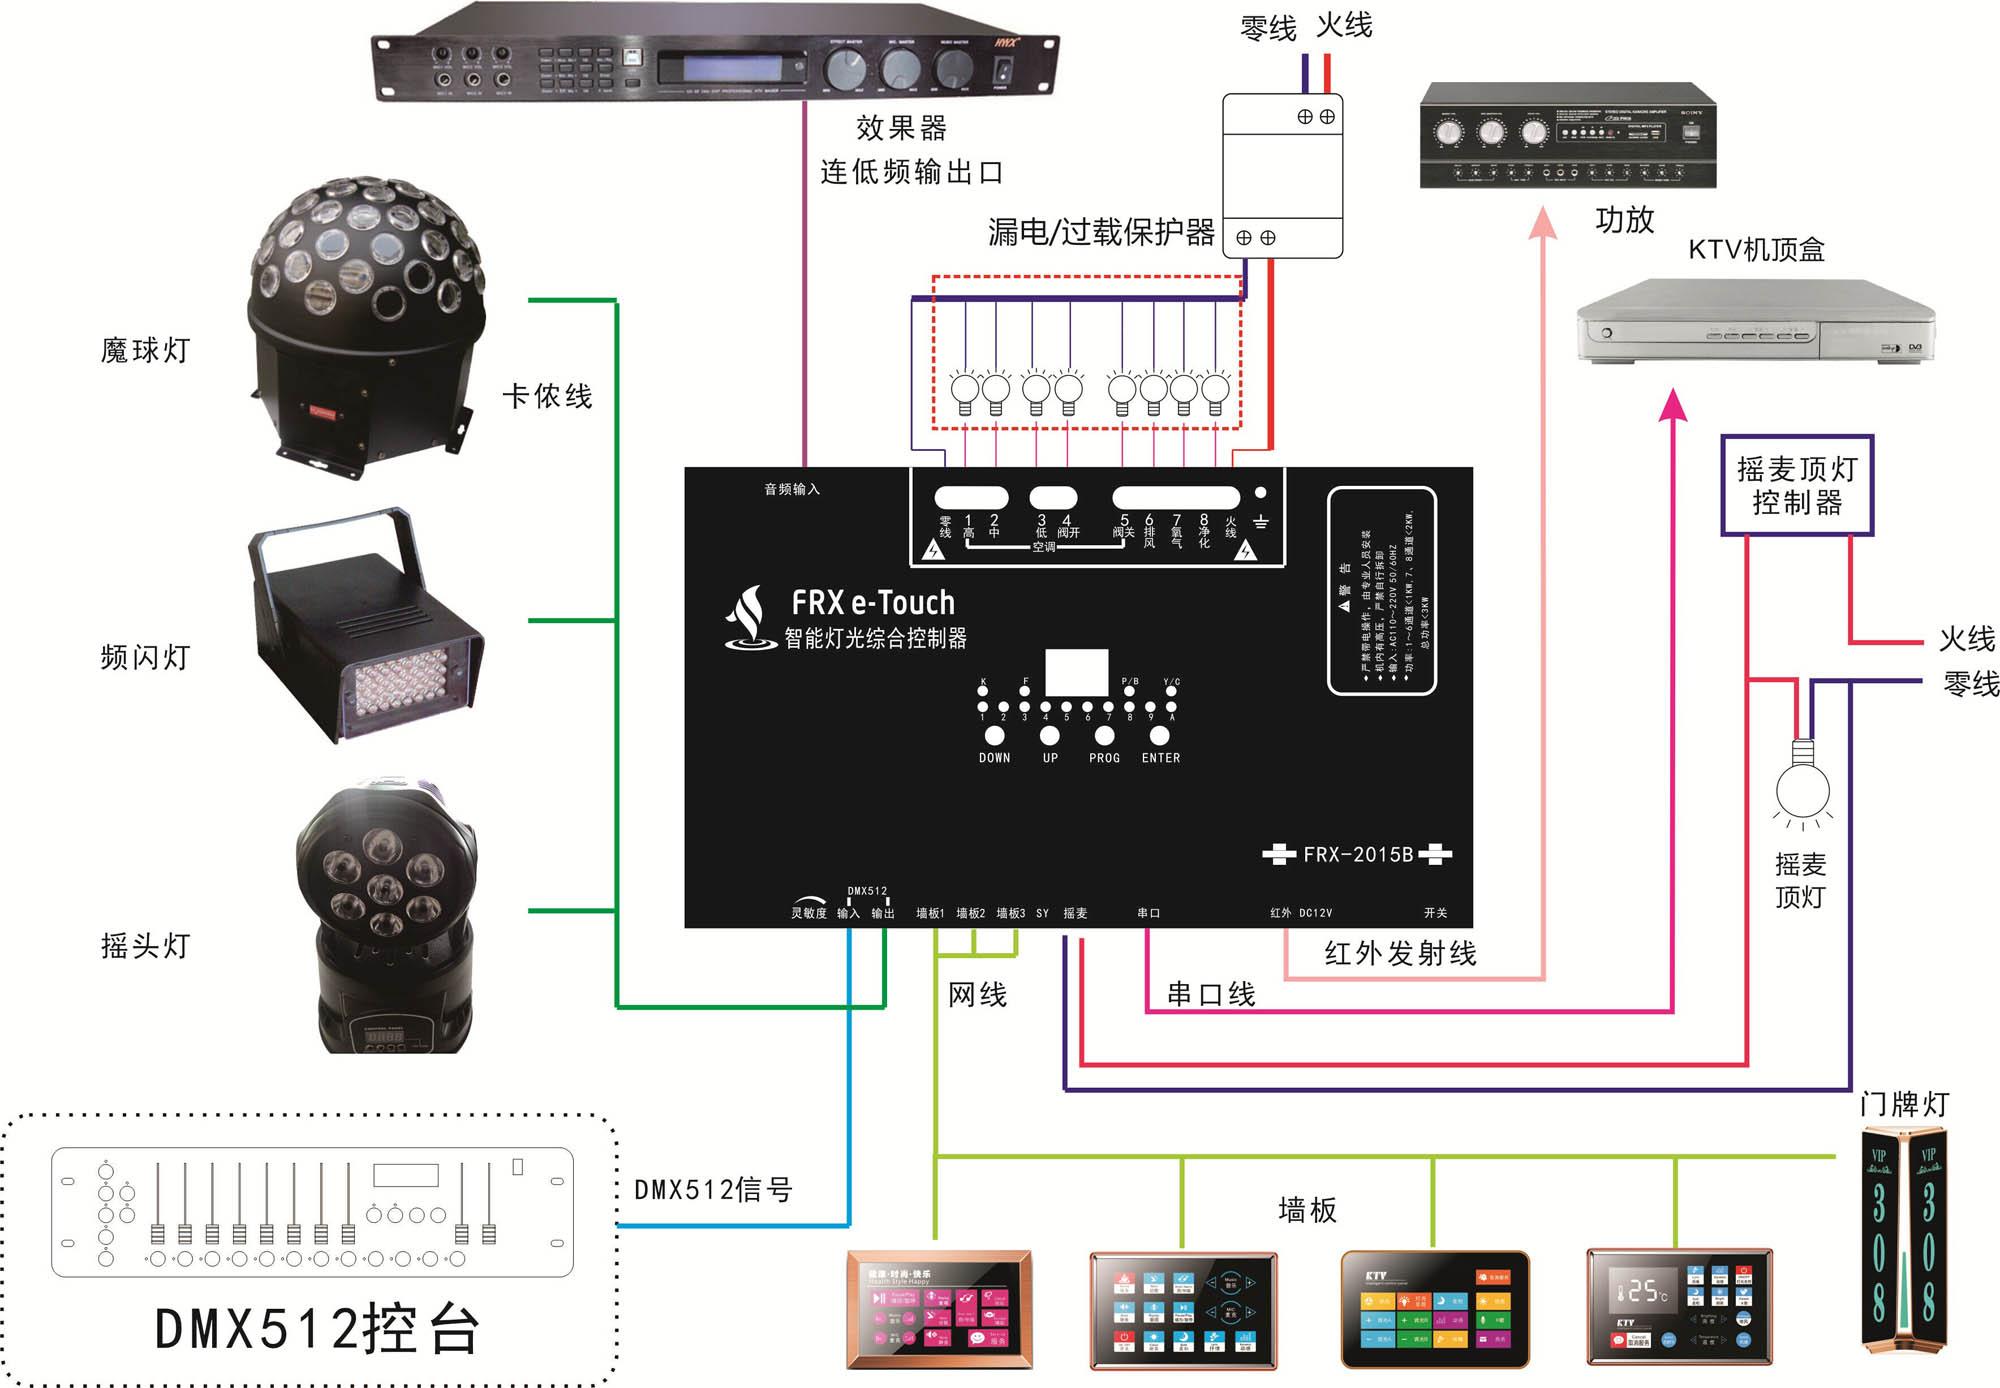 2015b智能灯光综合控制器